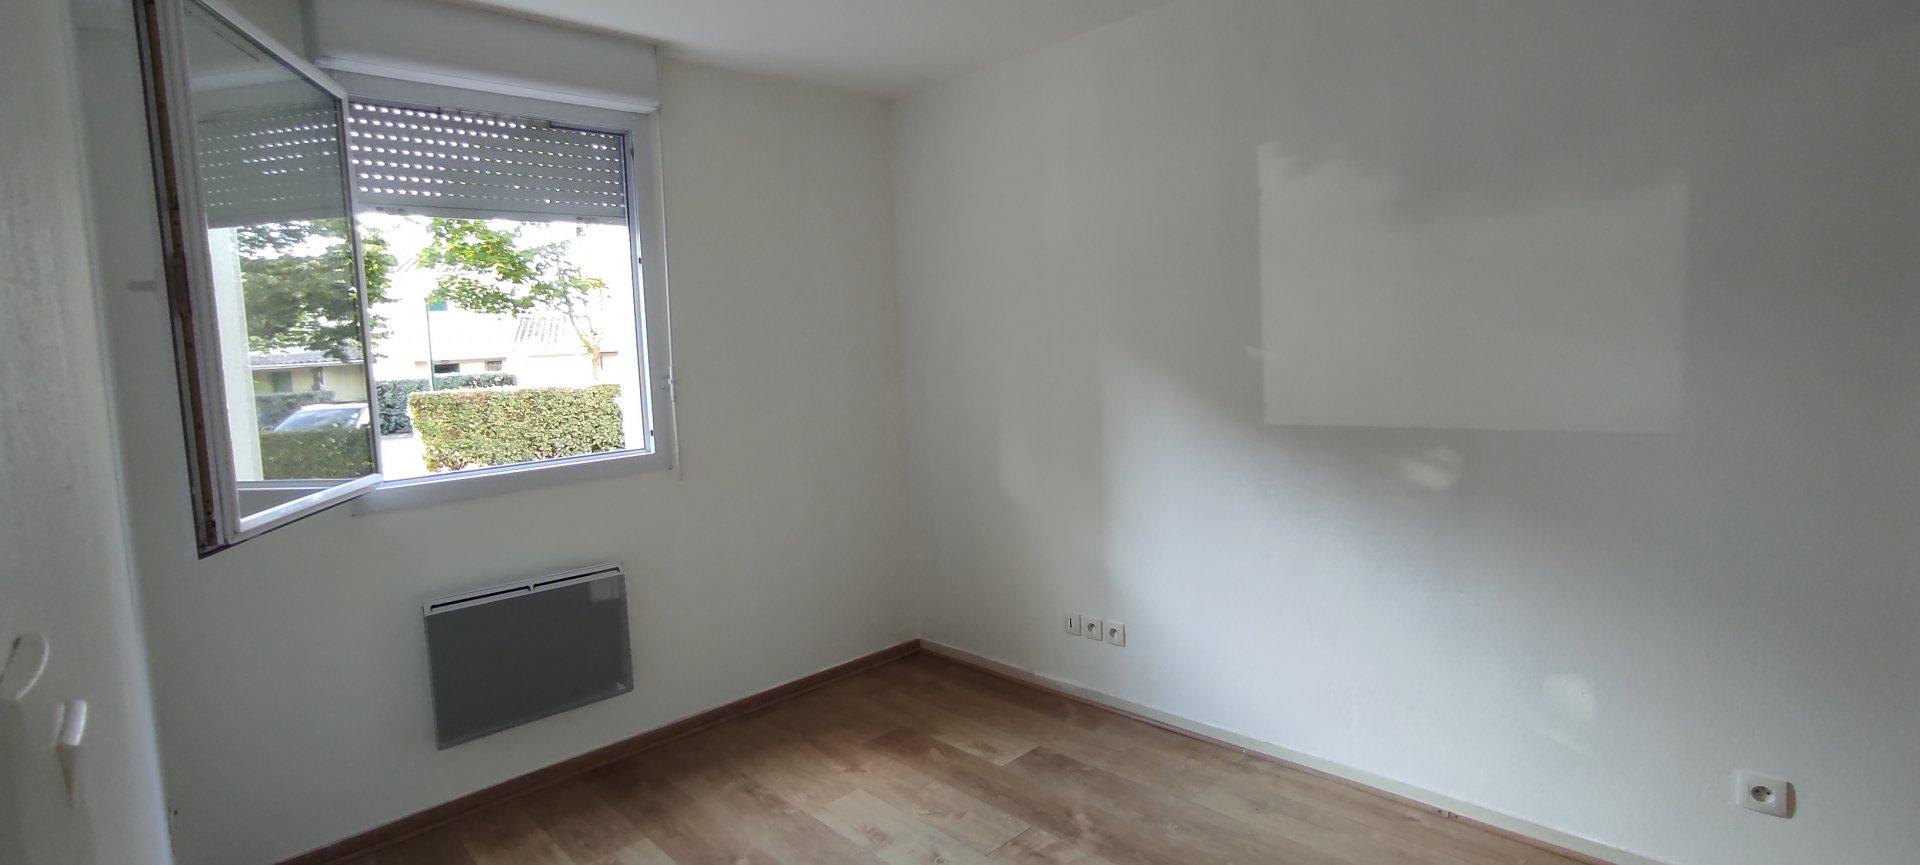 Appartement T2 - CUGNAUX